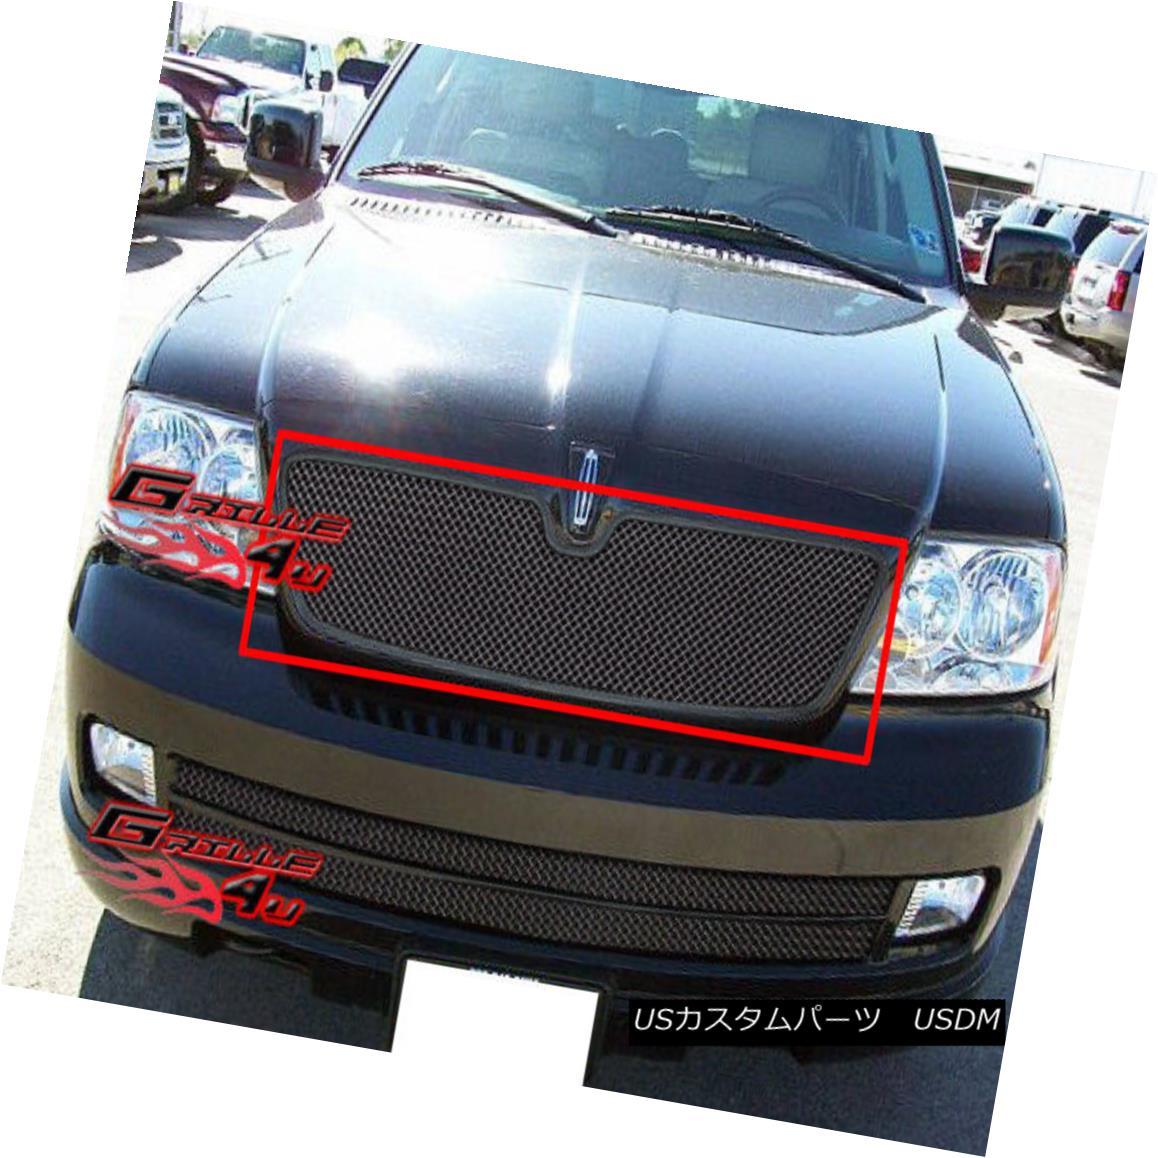 グリル For 03-06 Lincoln Navigator Black Mesh Grille Insert 03-06リンカーンナビゲーターブラックメッシュグリルインサート